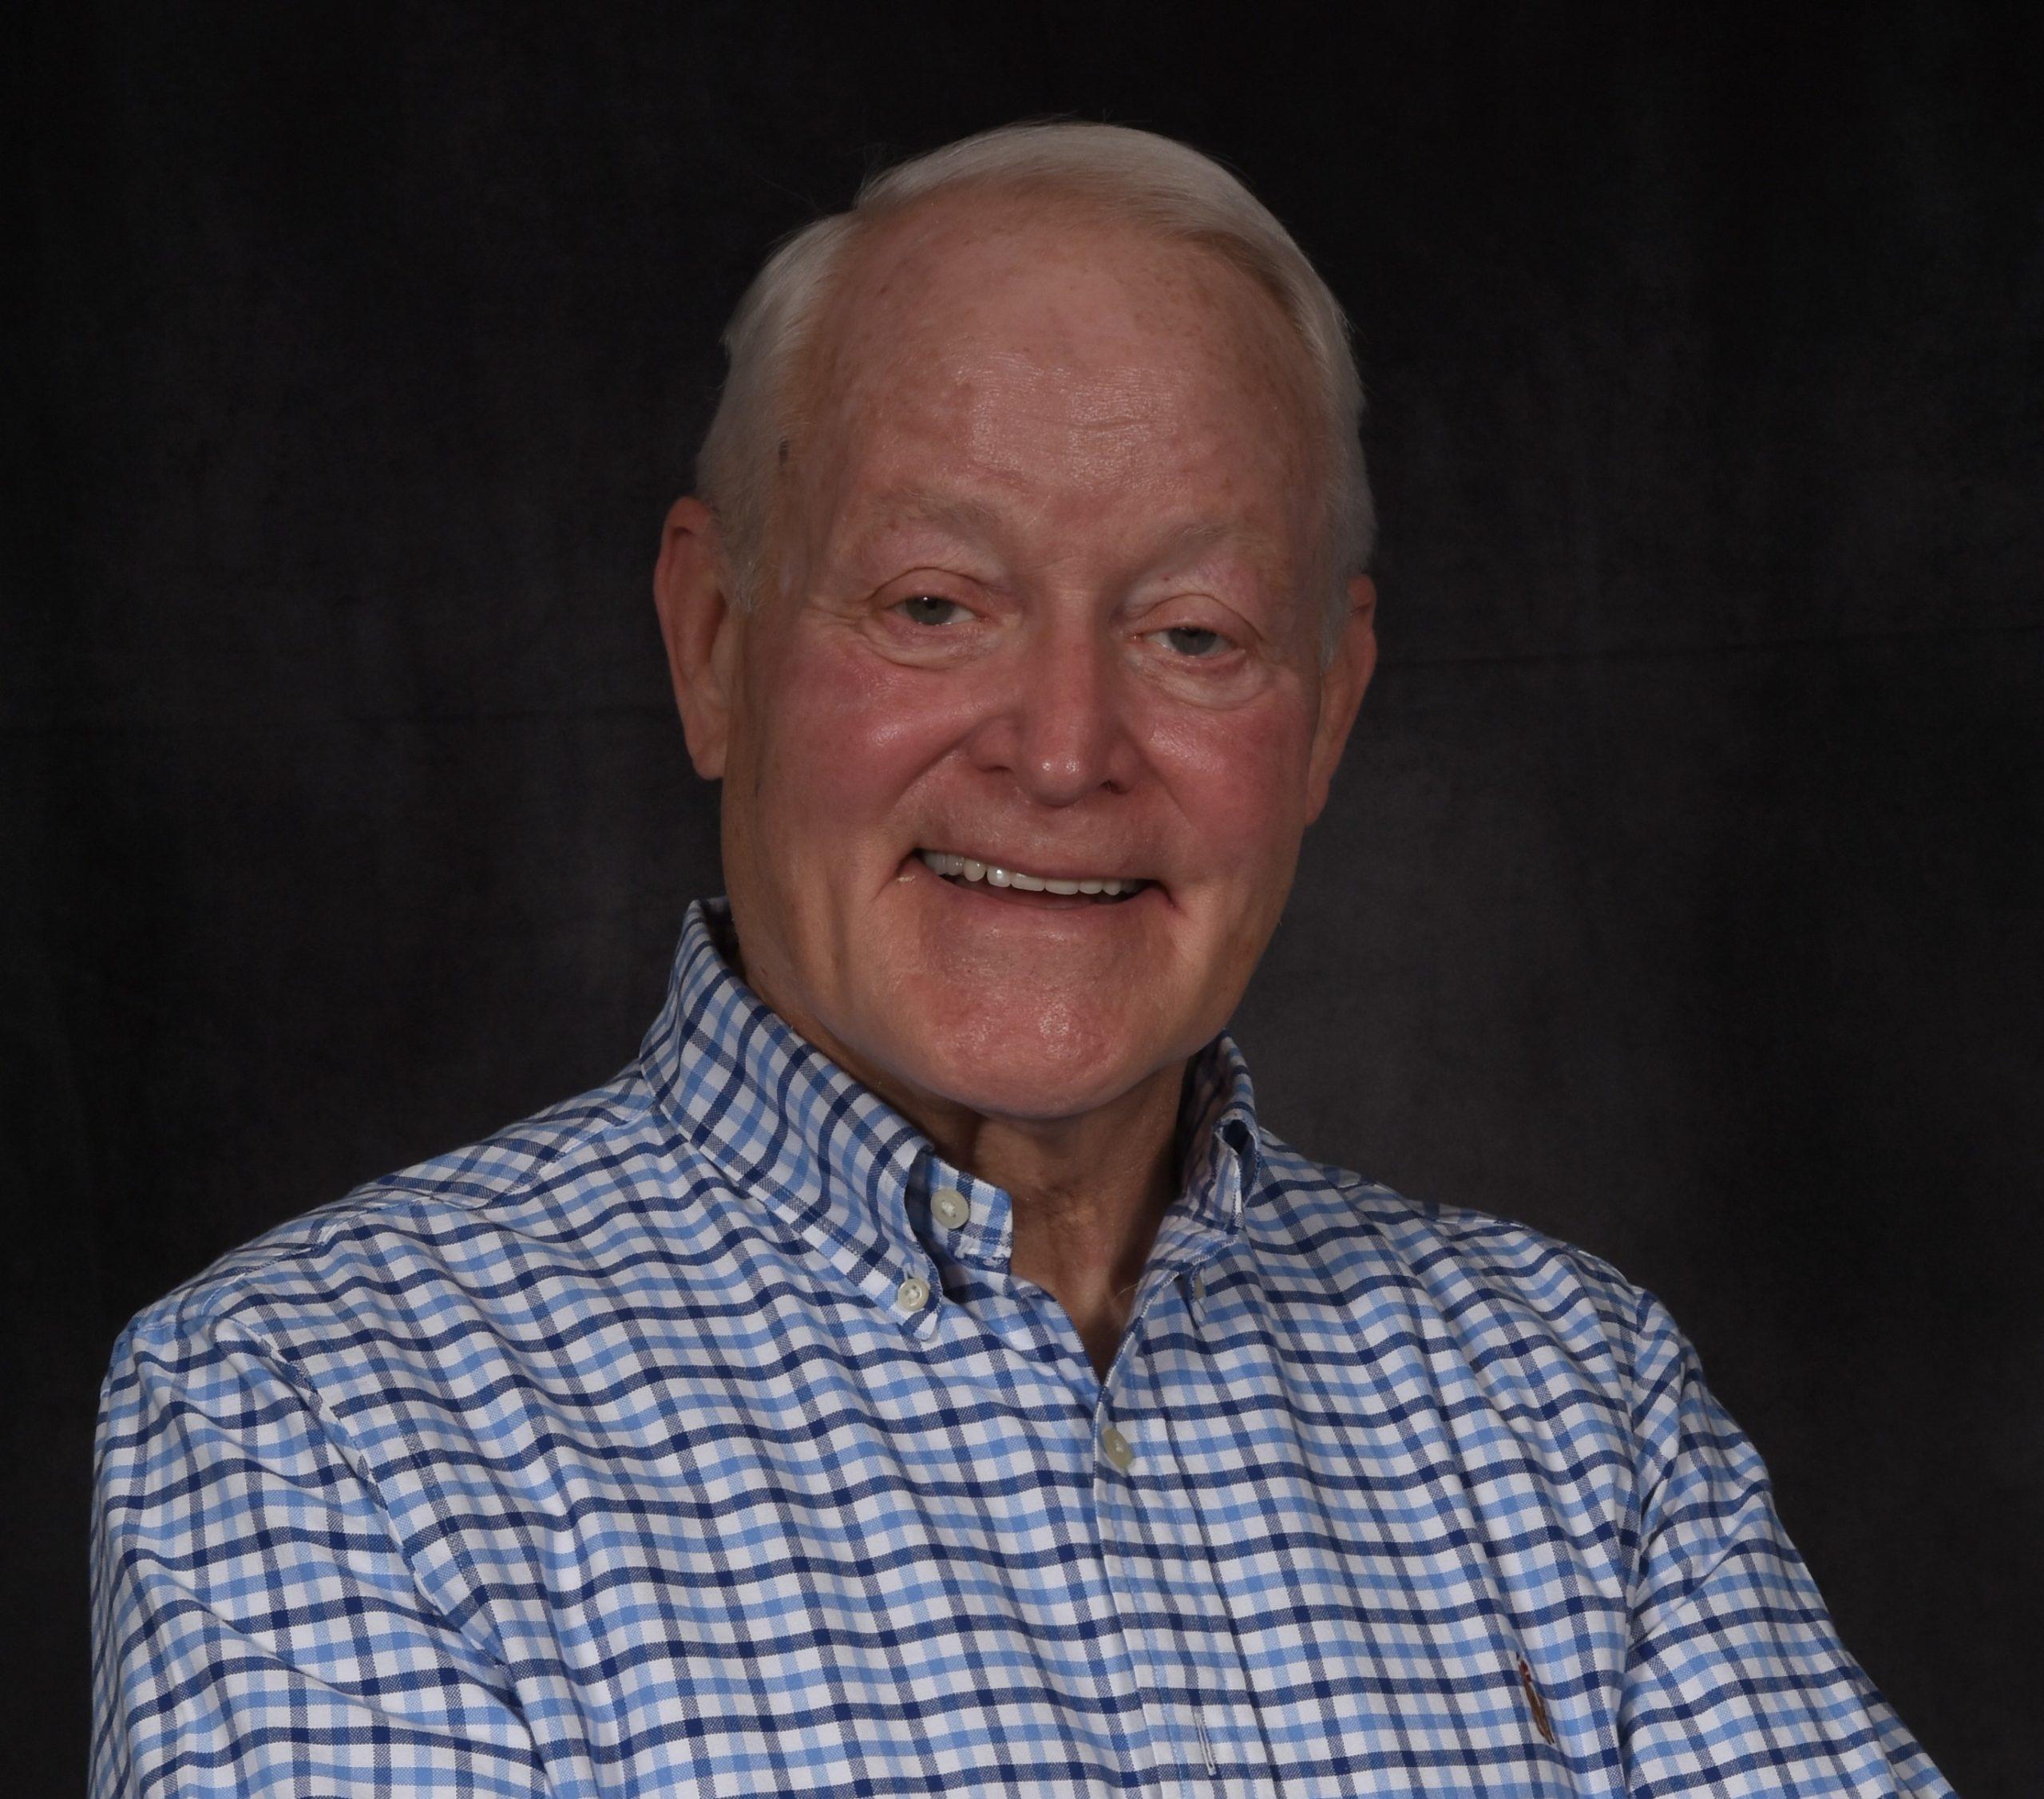 Owen Dougherty-NRI Trainer